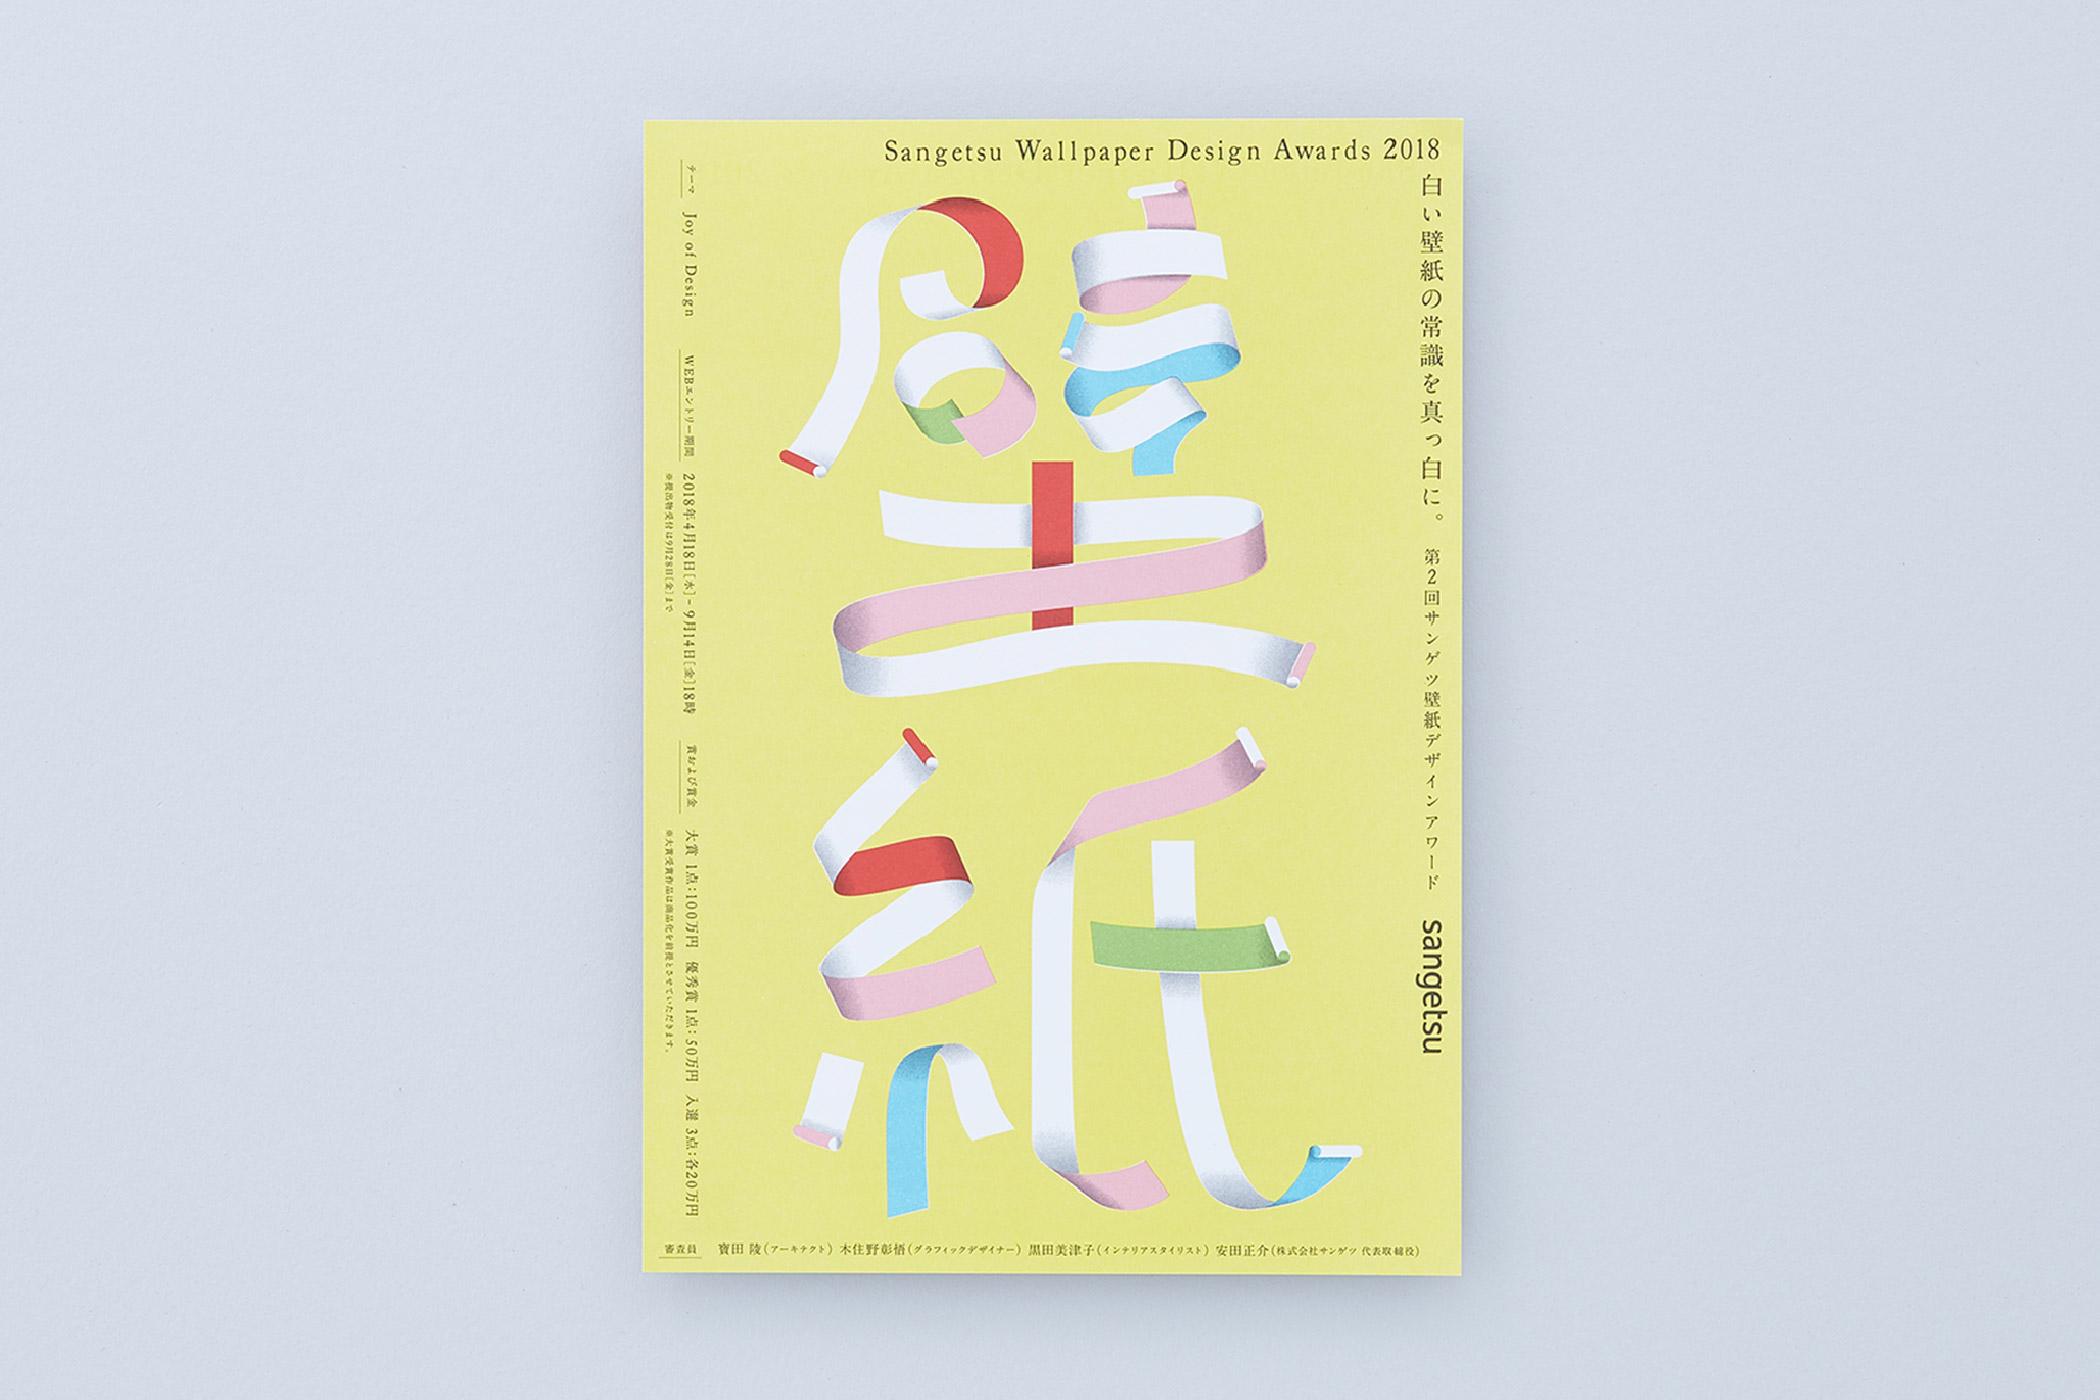 サンゲツ 壁紙デザインアワード2018 Work Kishino Shogo 6d